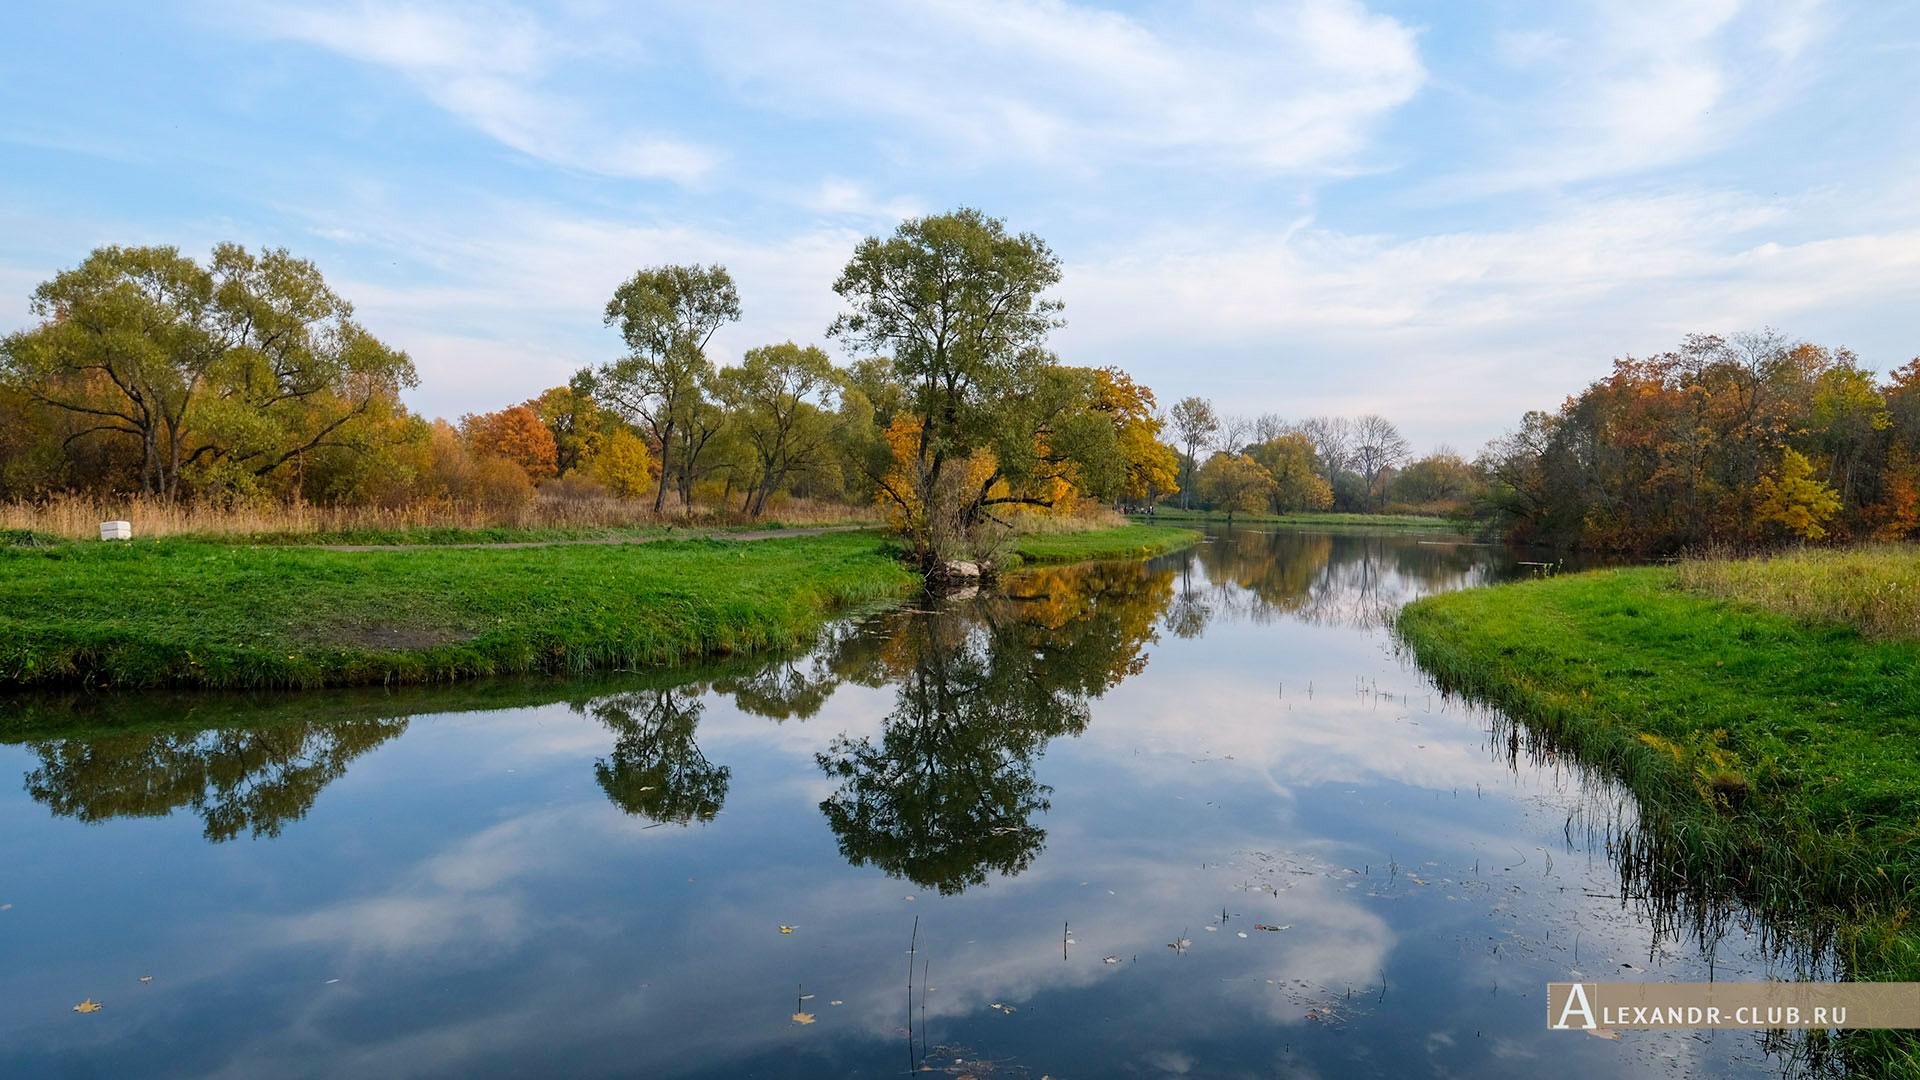 Петергоф, Луговой парк, осень, Орлинский пруд